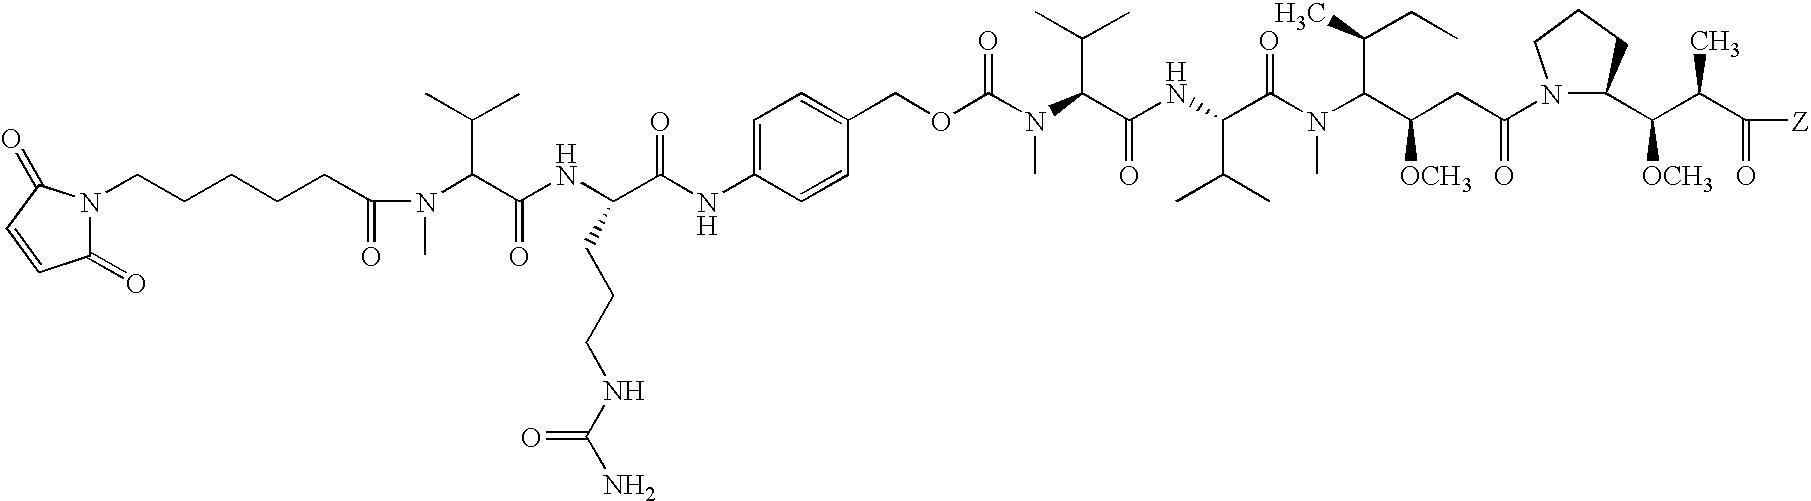 Figure US08871720-20141028-C00180